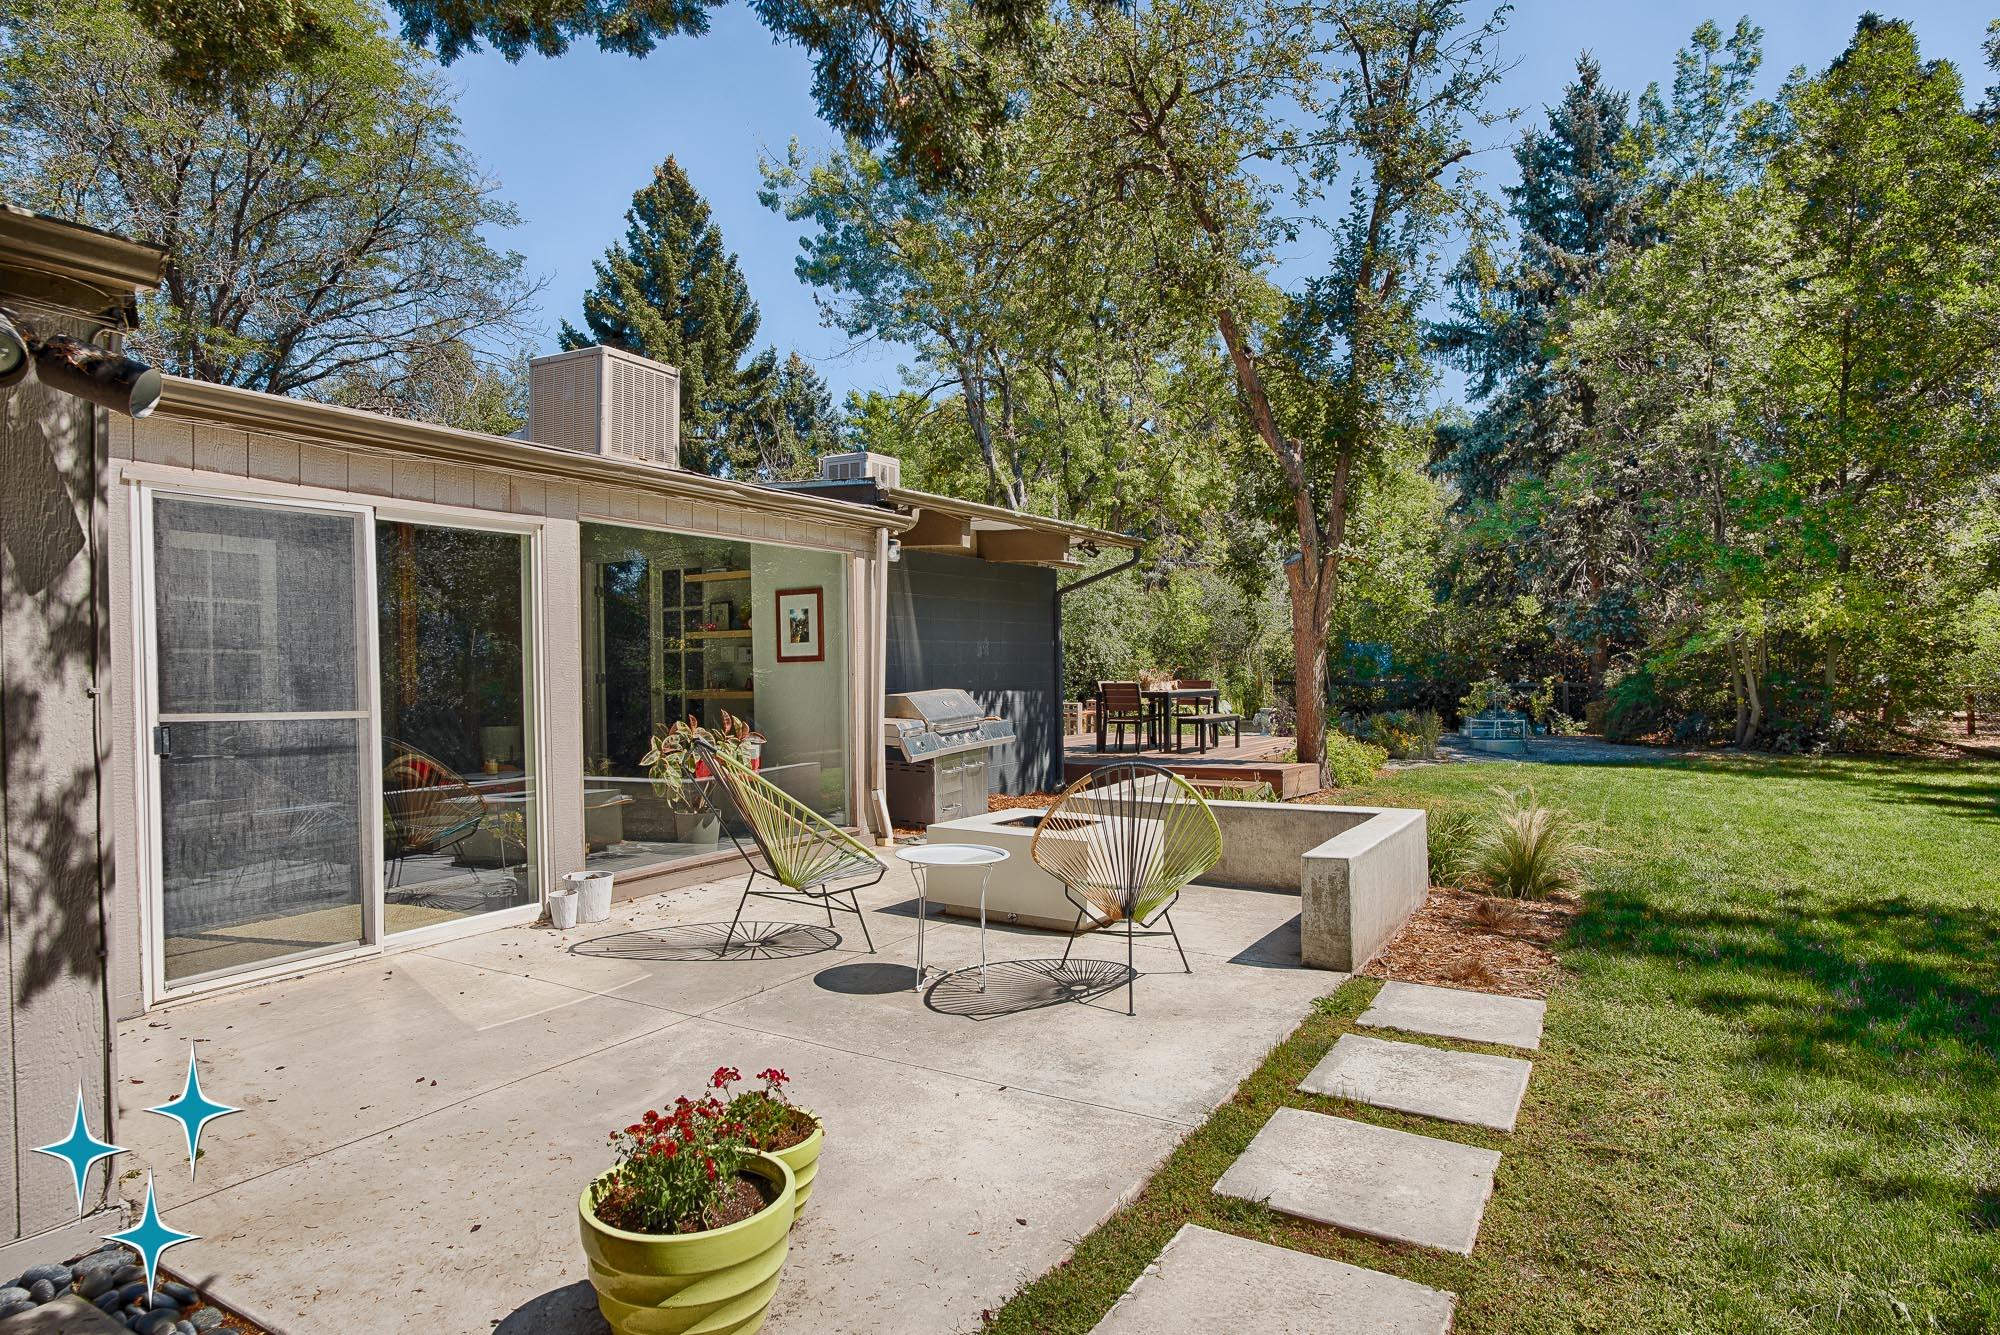 Adrian-Kinney-4920-E-Vassar-Lane-Denver-Dahlia-Acres-2000w50-3SWM-49.jpg